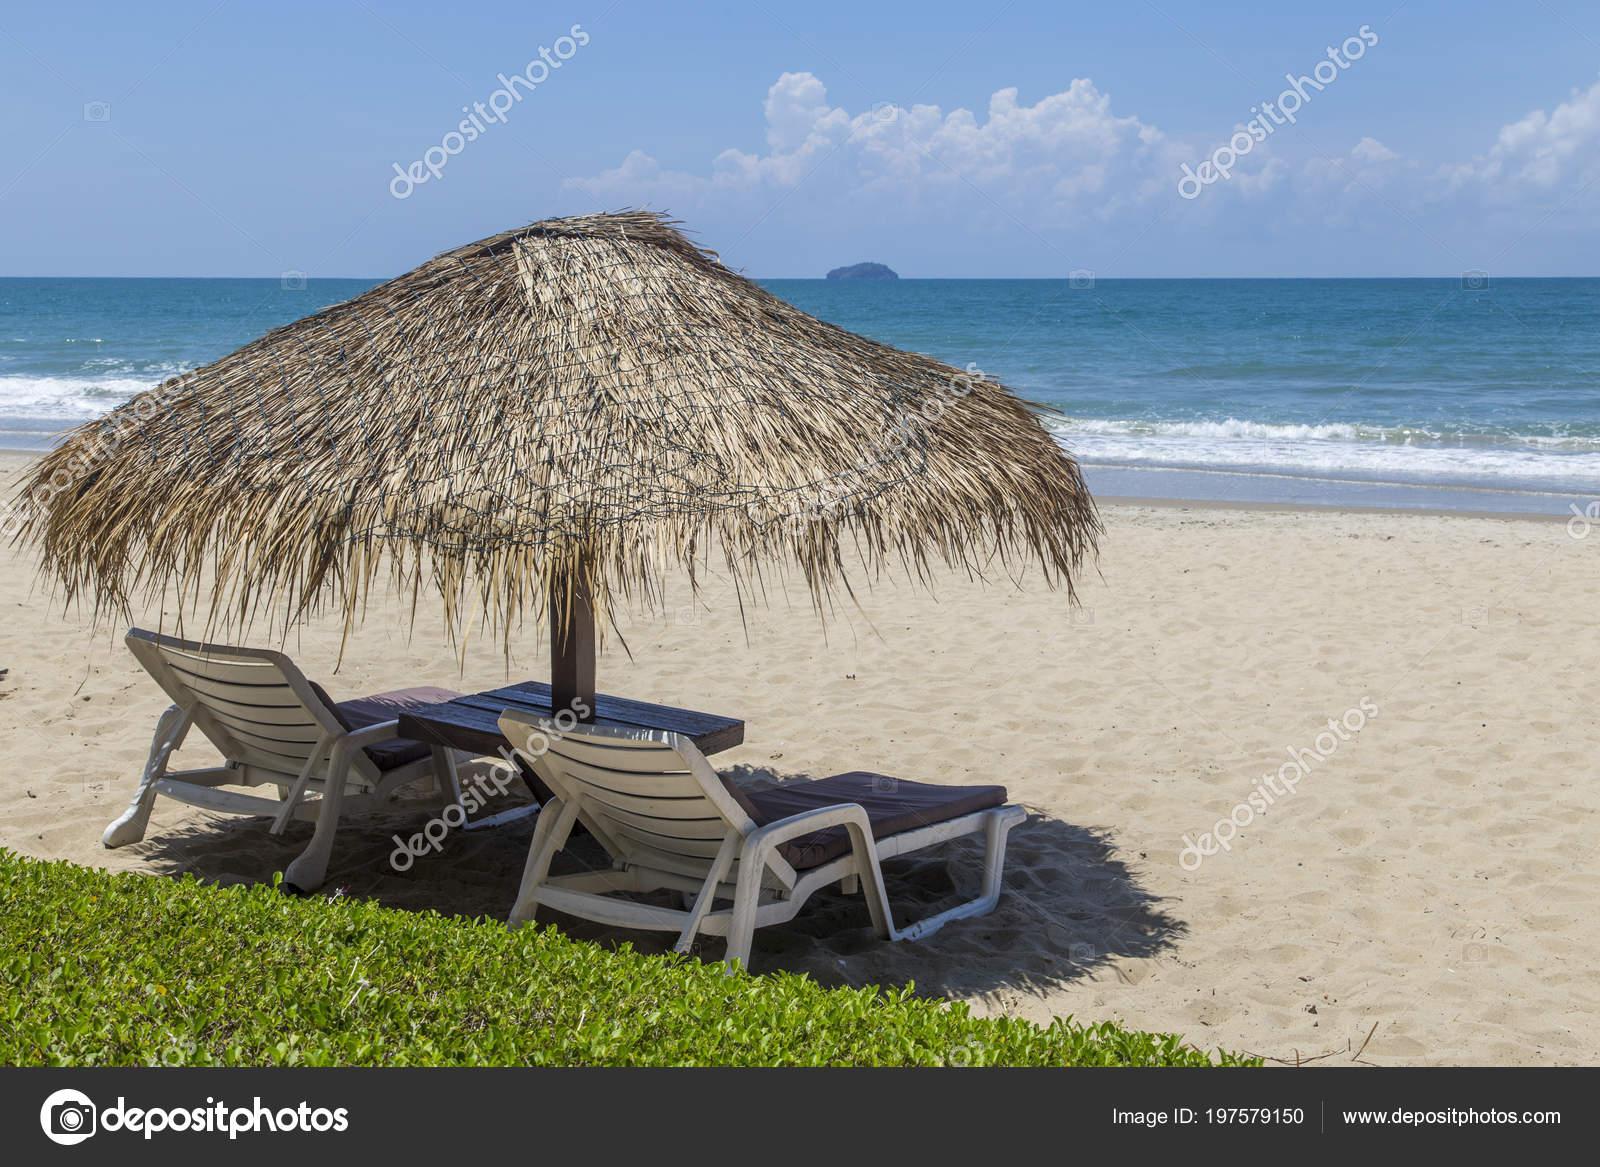 Sedie A Sdraio In Legno : Sedie sdraio con ombrellone legno sulla spiaggia u foto stock